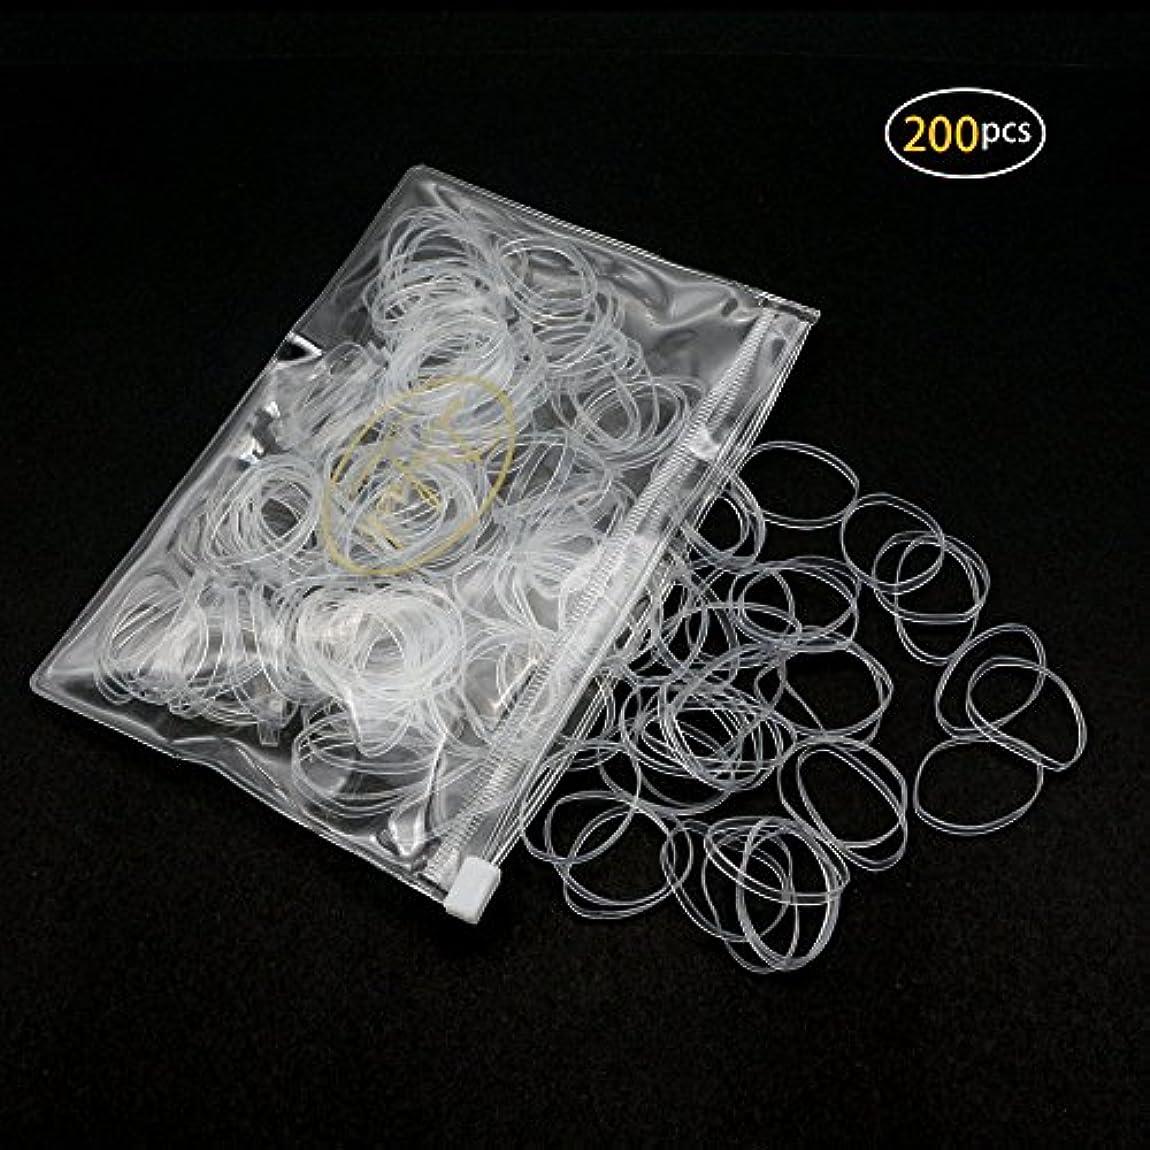 Dofash 200個入り 絡まないアックス輪ゴム、ヘアゴムきれにくいゴムバンド TPU 2.5x75mm ヘアスタイル用 透明バック付 女の子のためと子供用 (クリア)